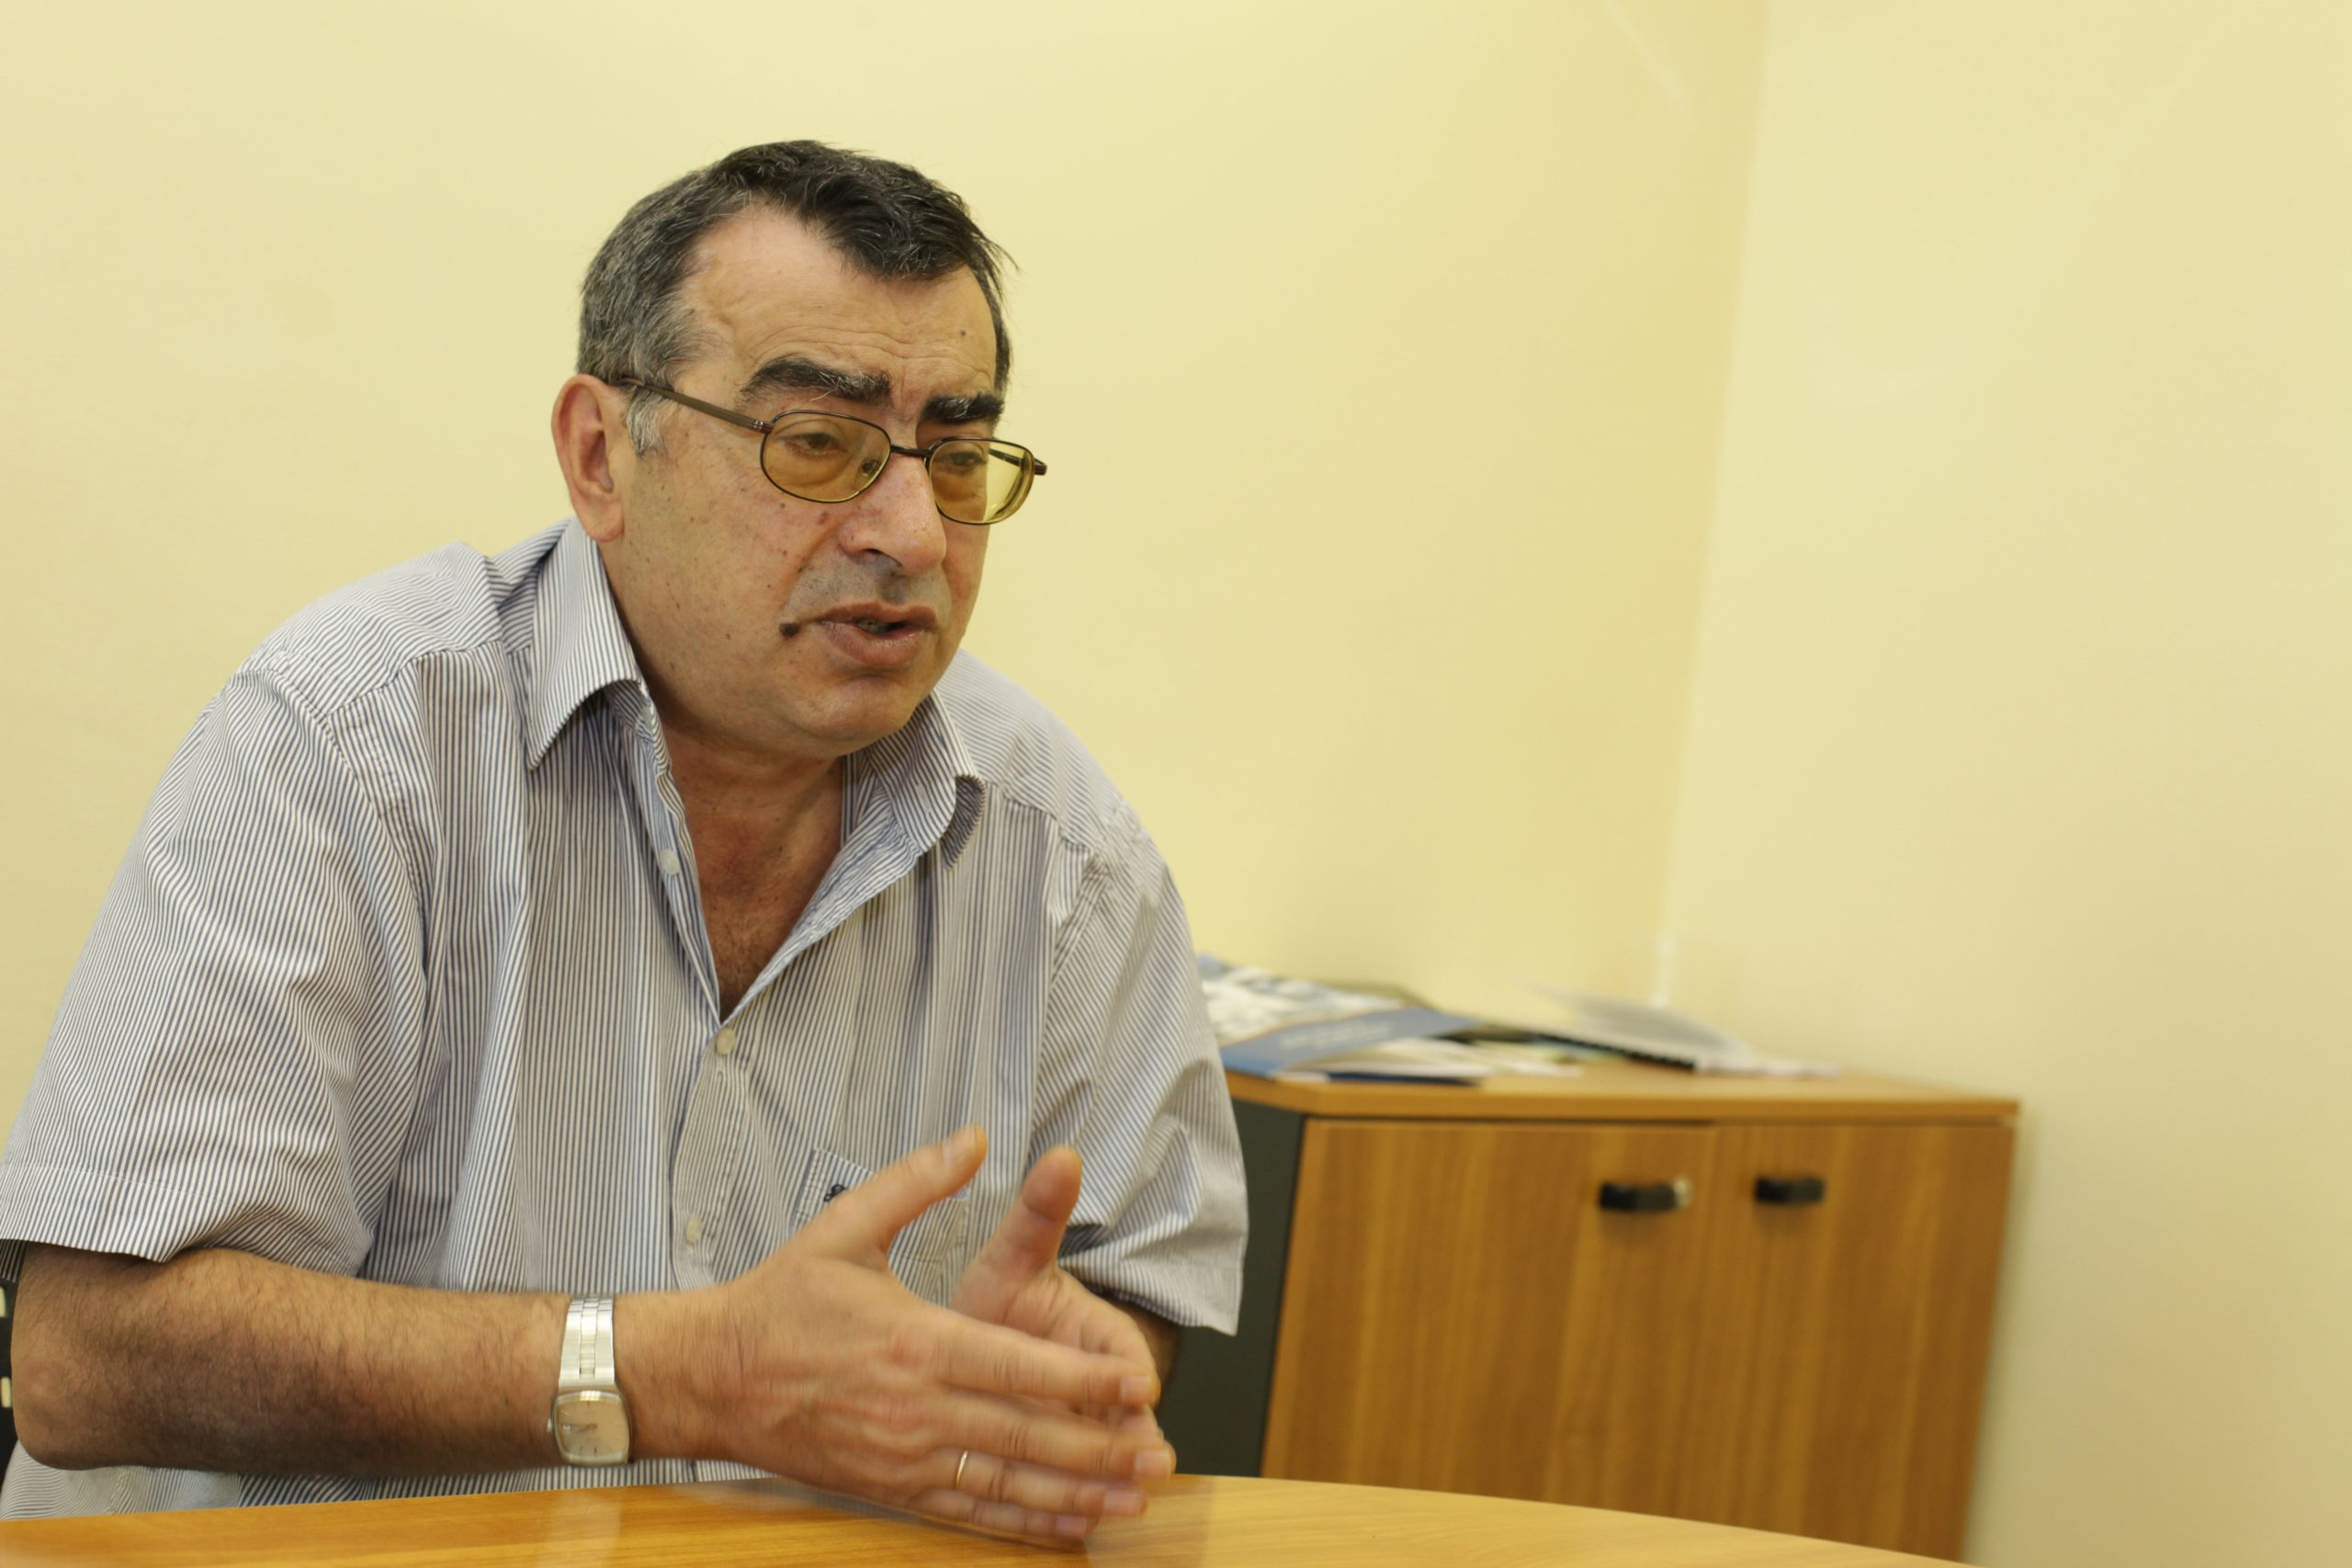 Потенциалът на БСП вече е за поддържащи роли – социологът Живко Георгиев, сп. ТЕМА